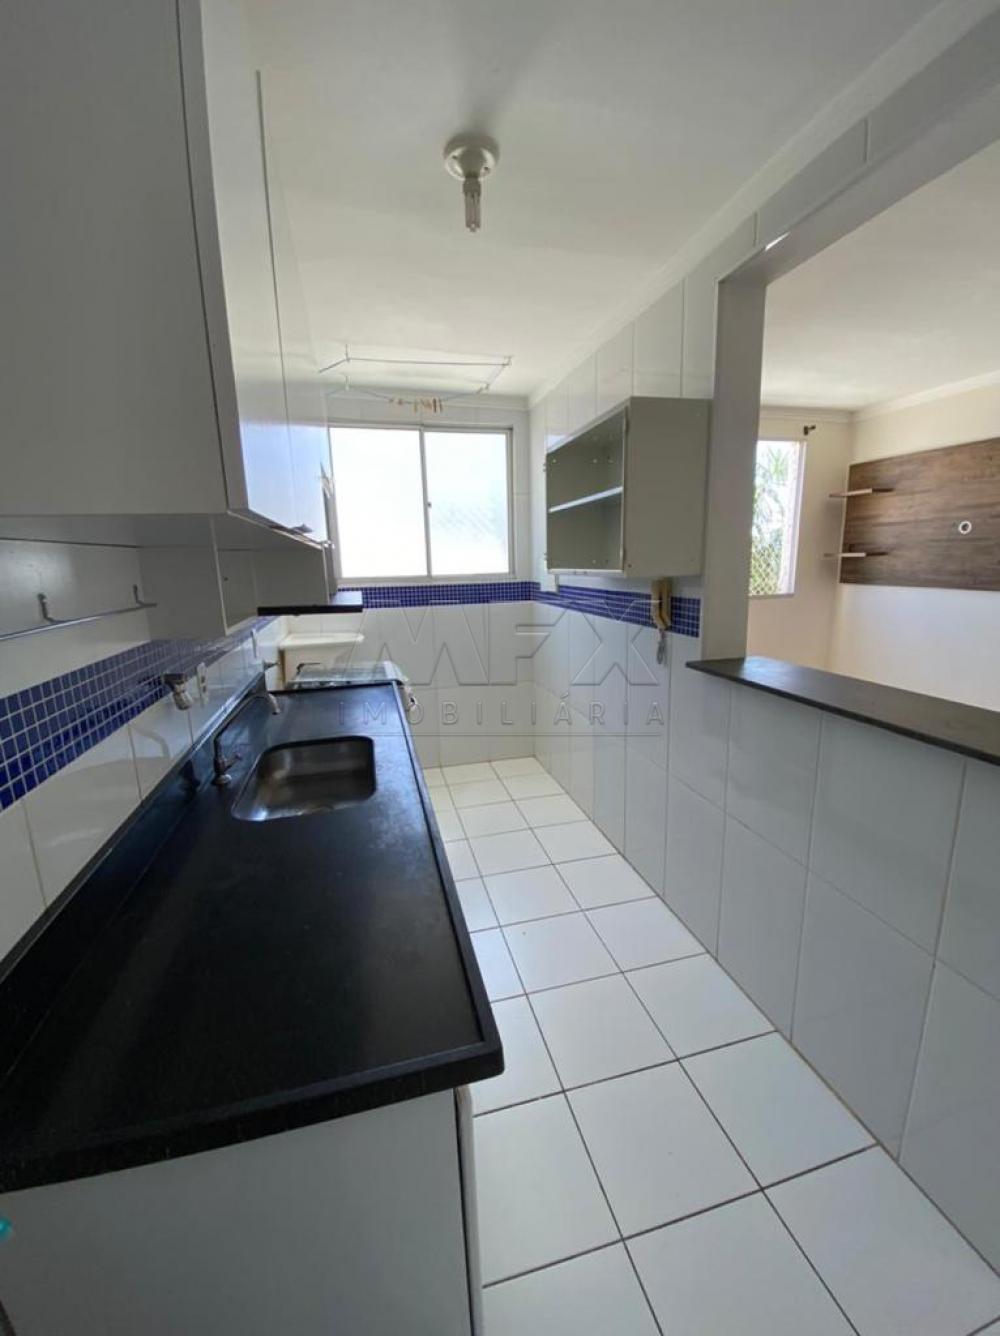 Alugar Apartamento / Padrão em Bauru R$ 780,00 - Foto 1